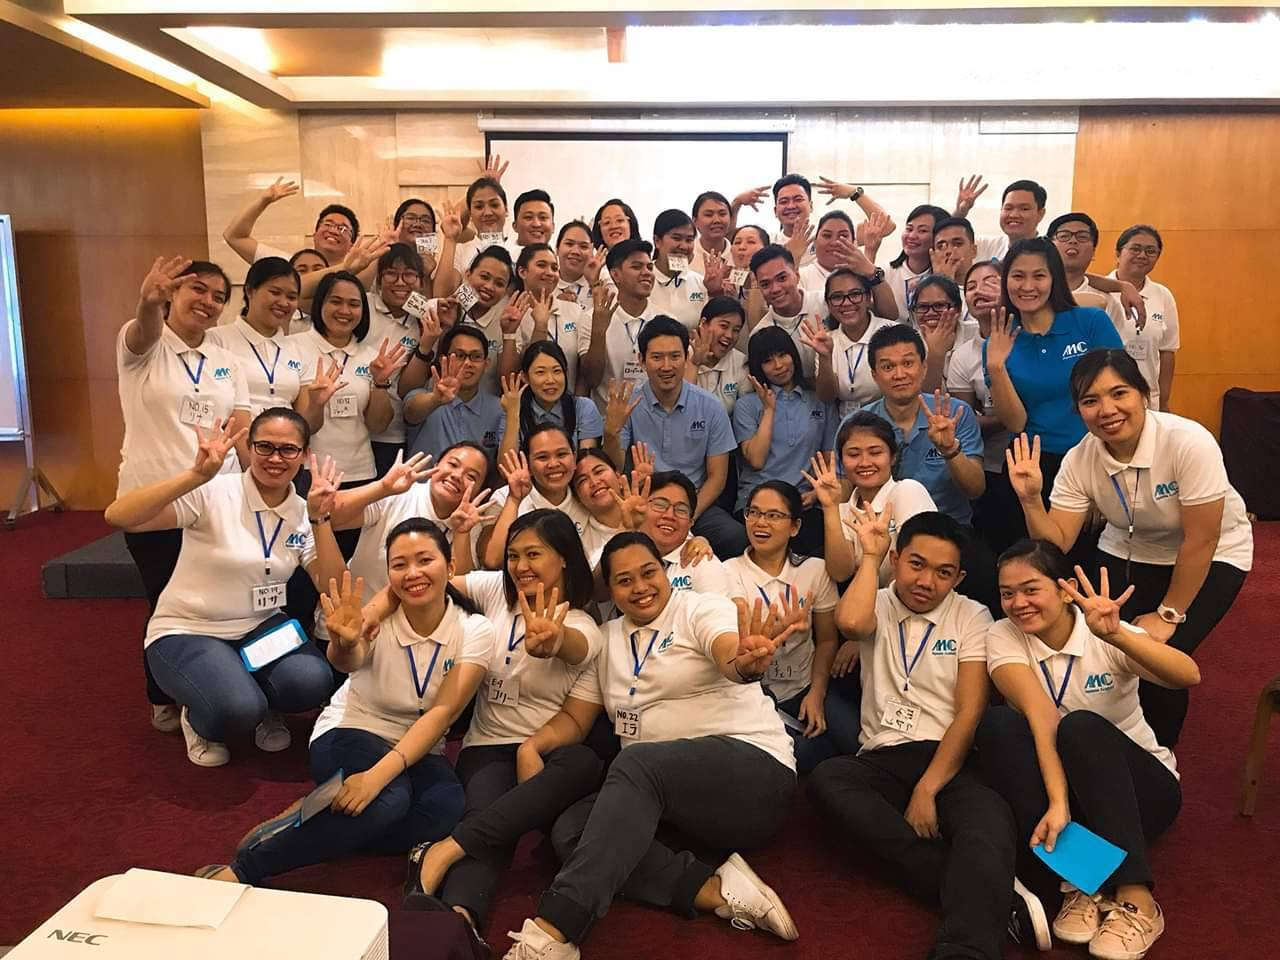 2025年、日本で約38万人の介護士不足が予想される中、4年間で100名超のフィリピン人・ミャンマー... 画像